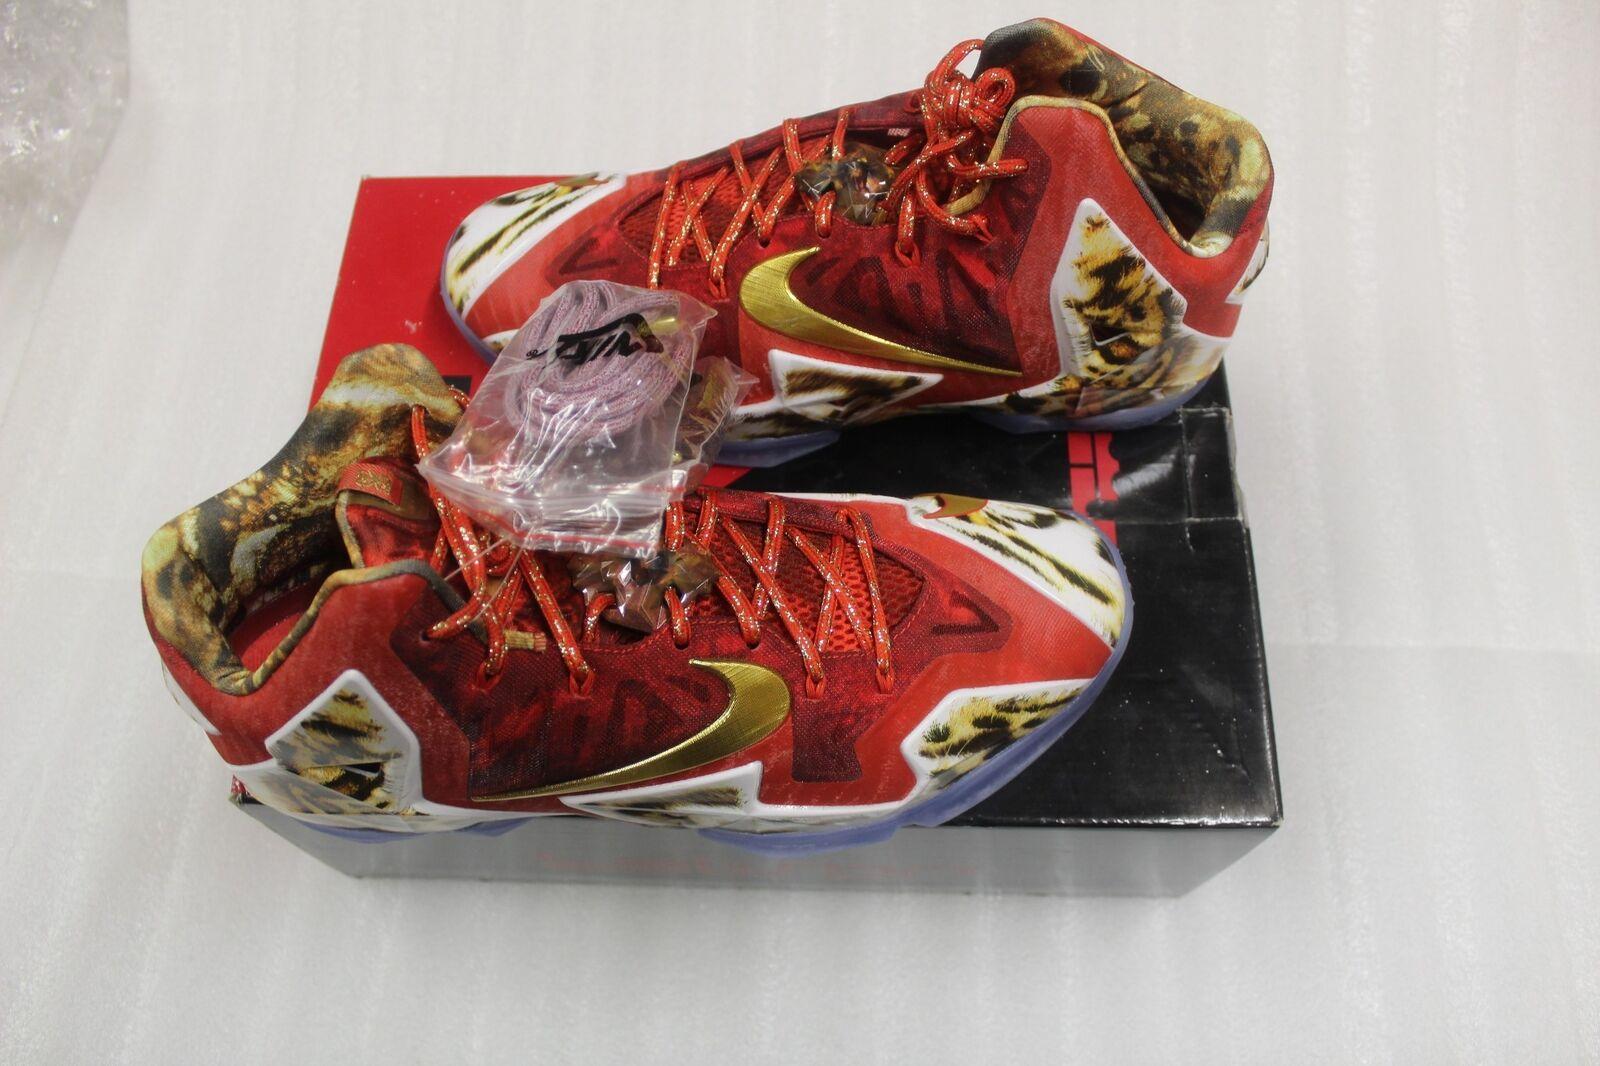 pretty nice bdbfb da951 LeBron James Nike 2018 2k14 Limited XI Premium talla 13 descuento Hombre el último  descuento 13 zapatos para hombres y mujeres cd55a8